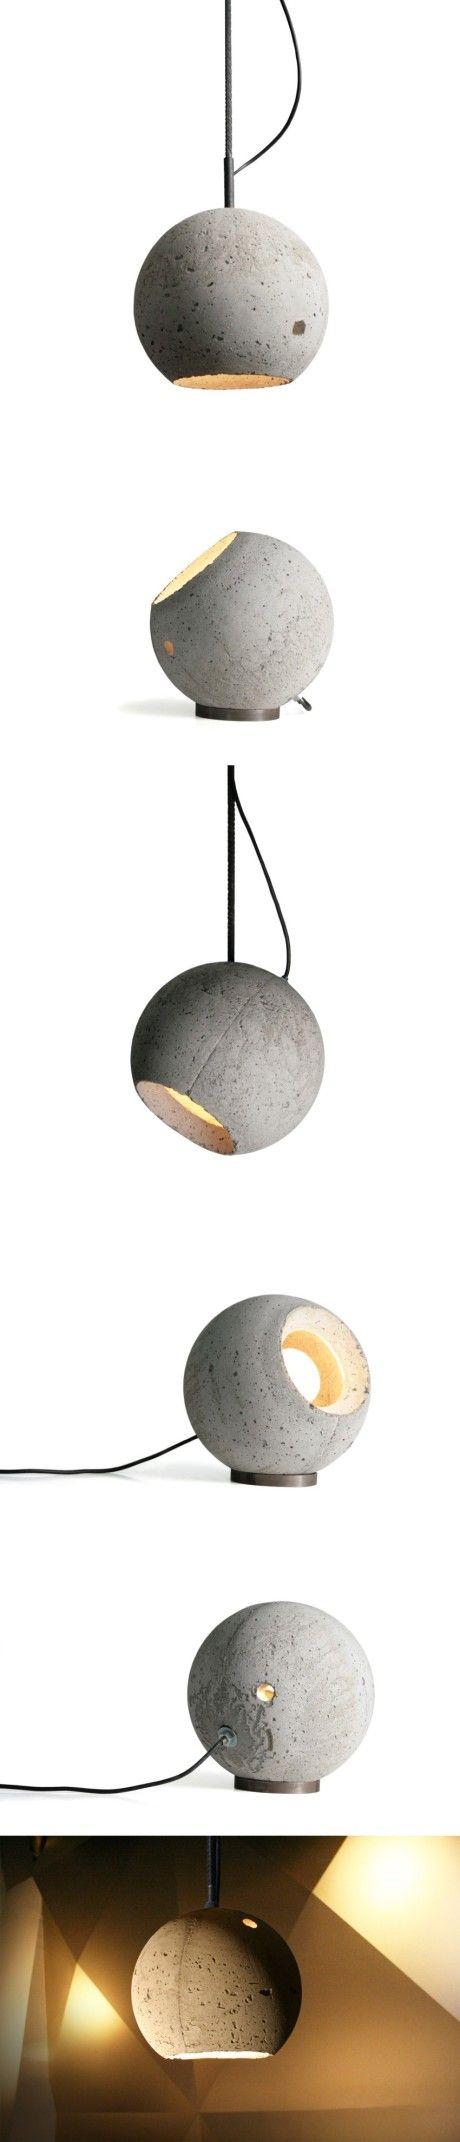 Cement Droplight Lamparas De Concreto Lampara De Hormigon Lamparas De Ceramica